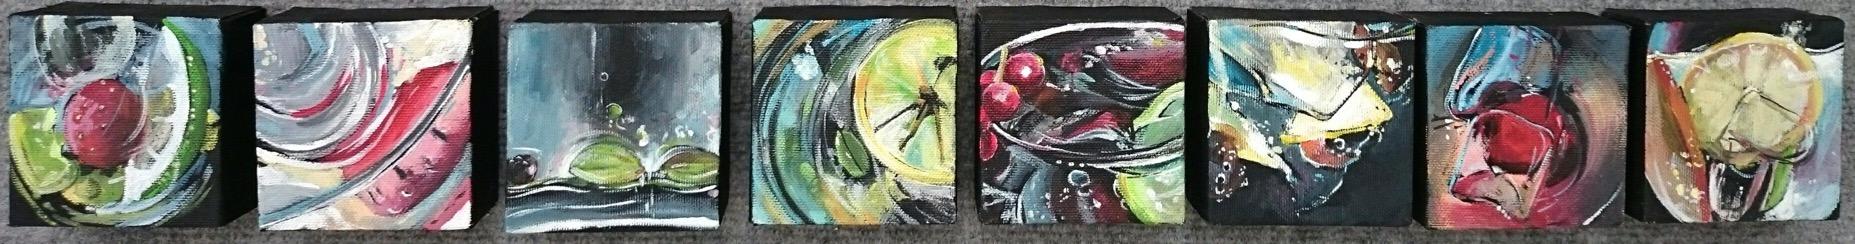 Pintura de César Rodríguez. Pintor canario. Exposición en la Galería García de Diego, Los Llanos de Aridane, La Palma